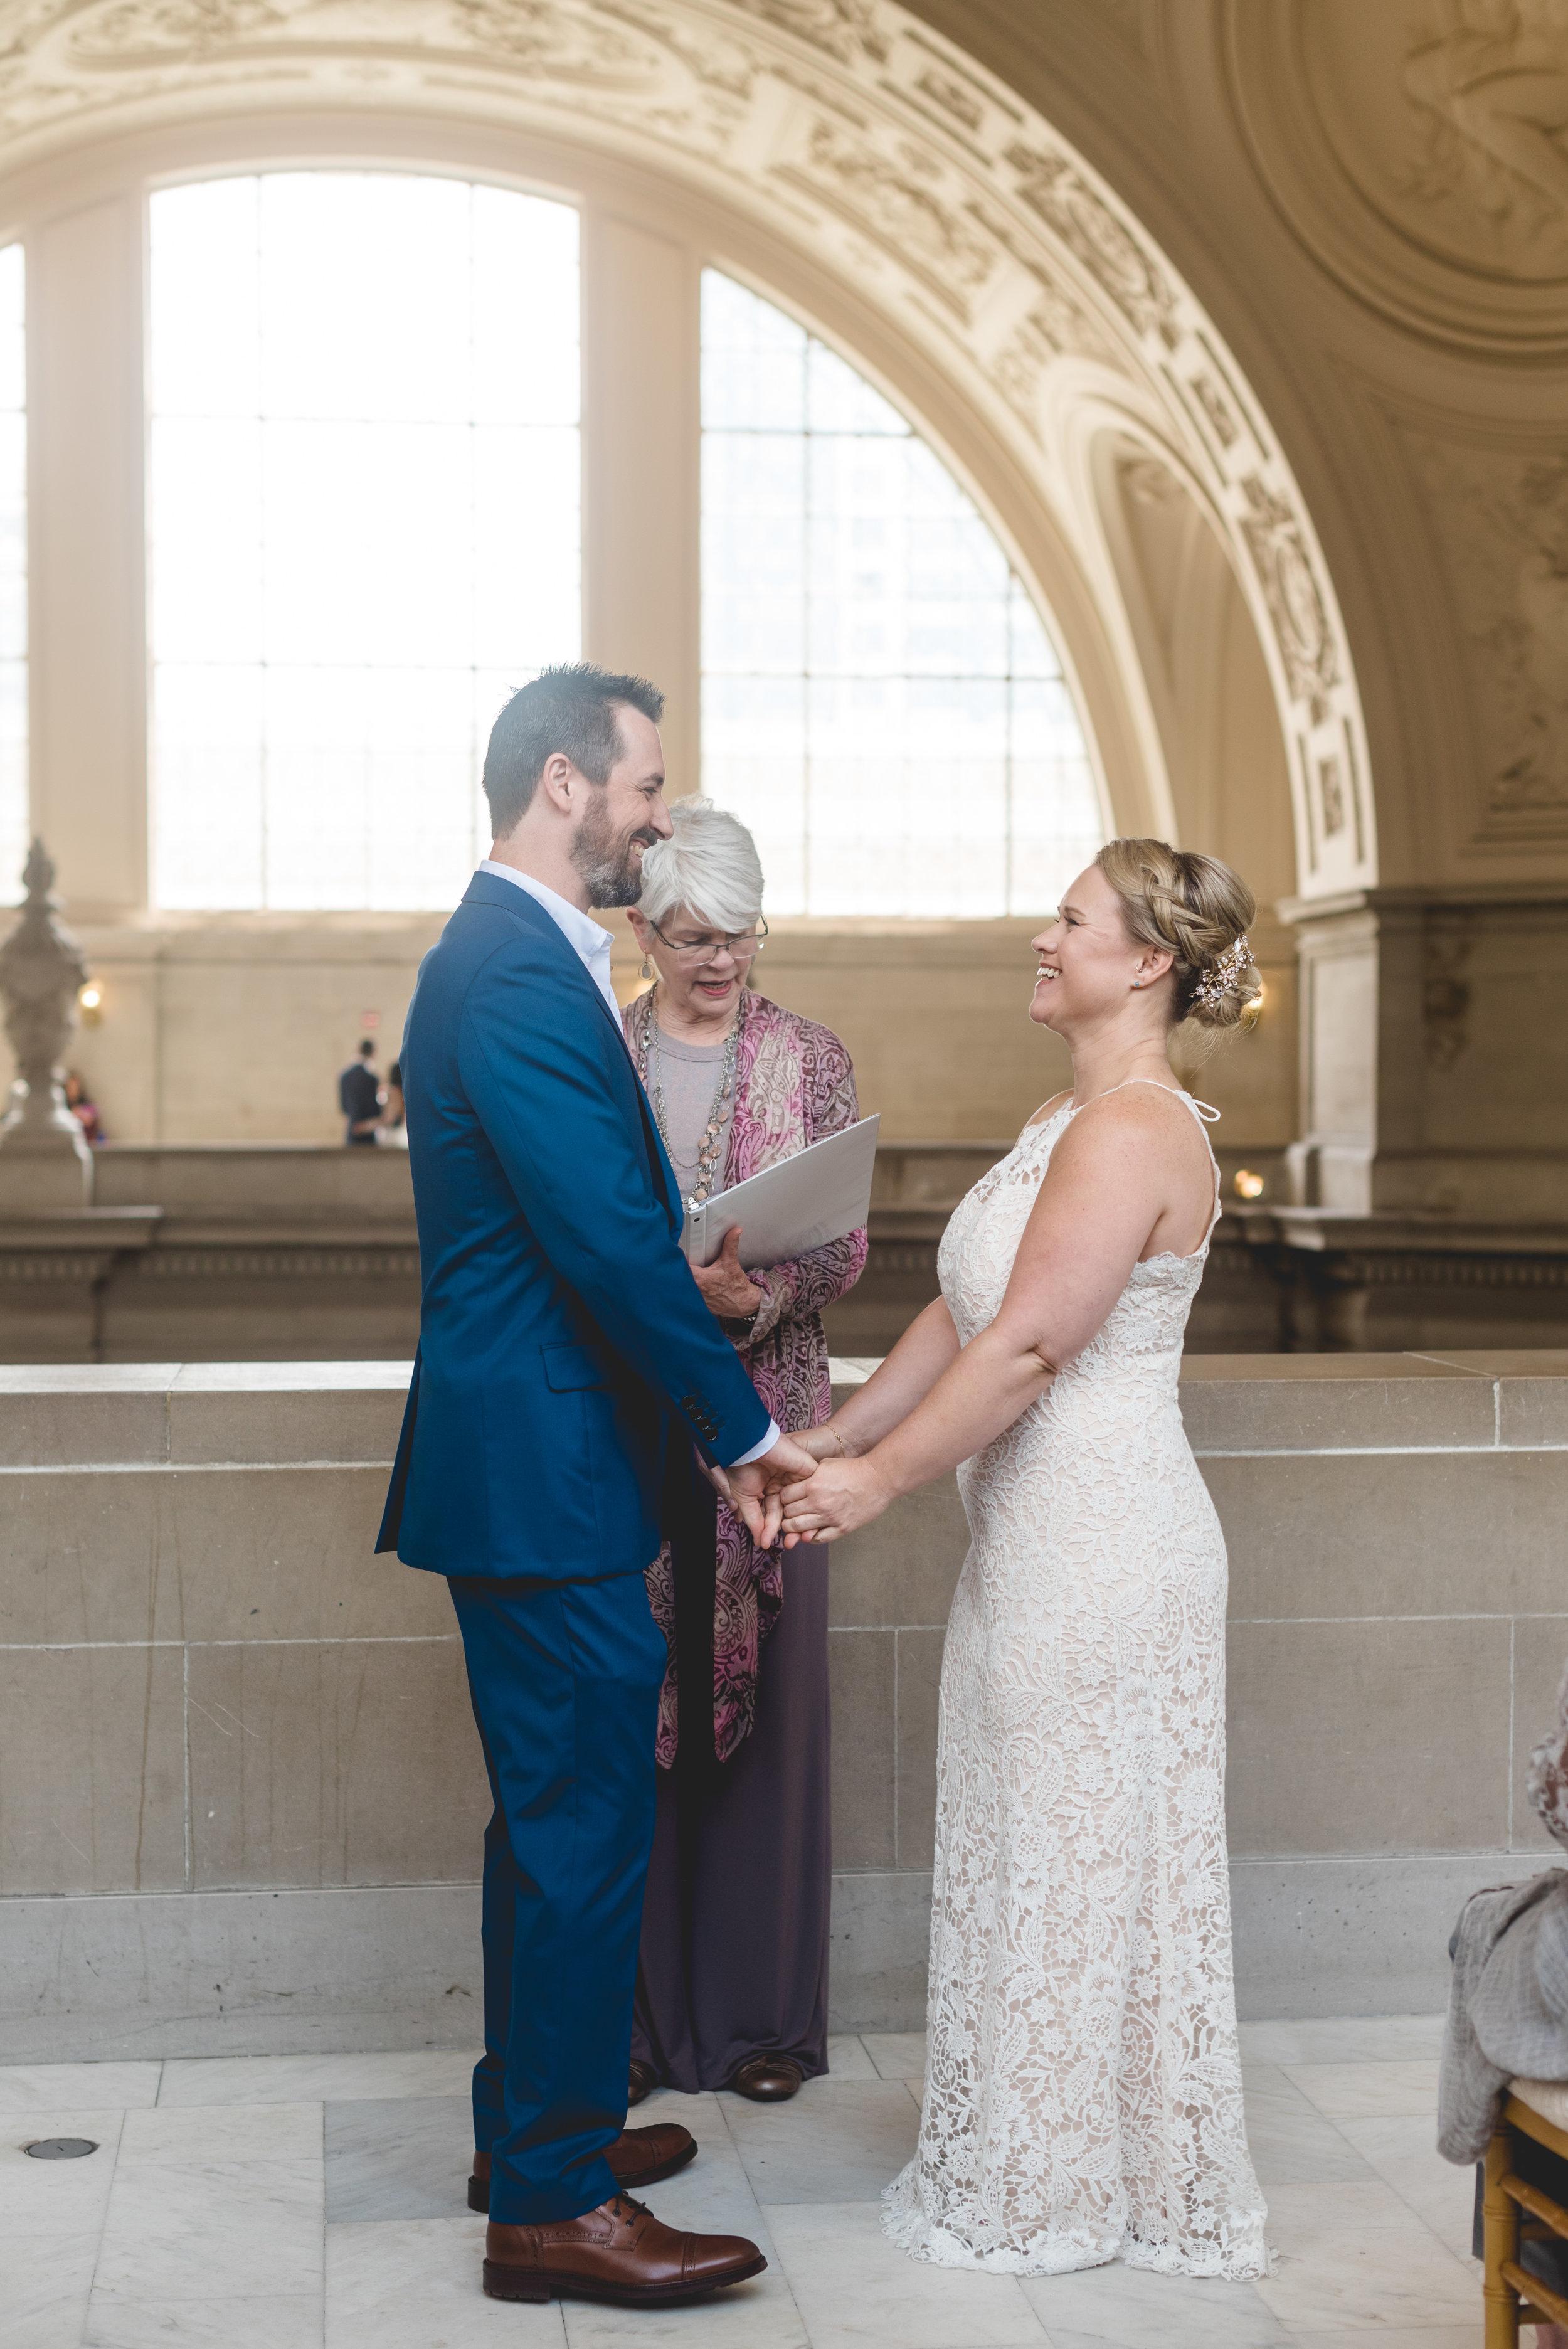 mcdaniels_conroy-wedding-ceremony-73.jpg